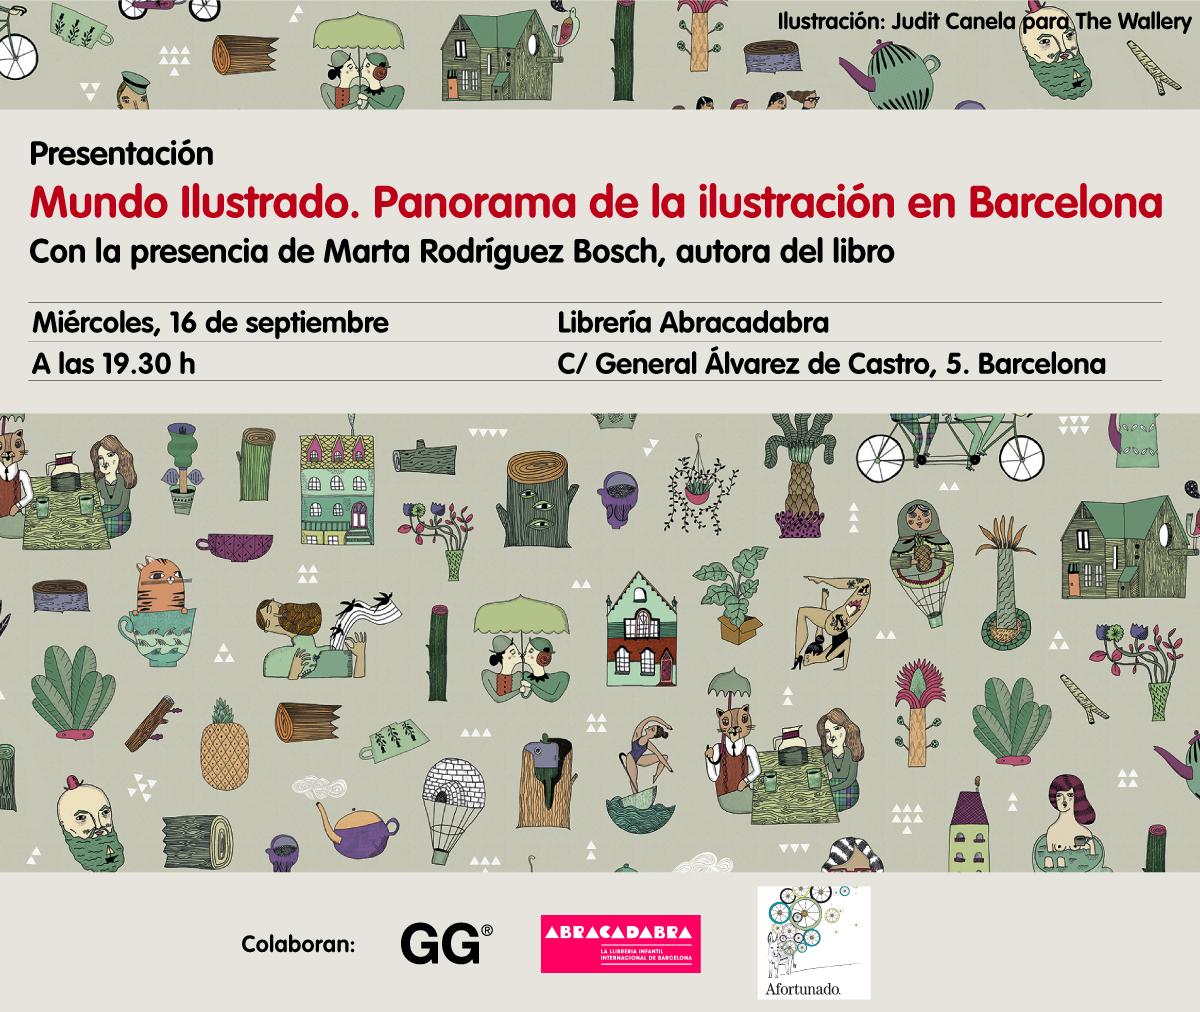 Presentación > El miércoles 16 de septiembre te invitamos al lanzamiento de 'Mundo Ilustrado', una panorámica de la ilustración en Barcelona de Marta Rodríguez Bosch